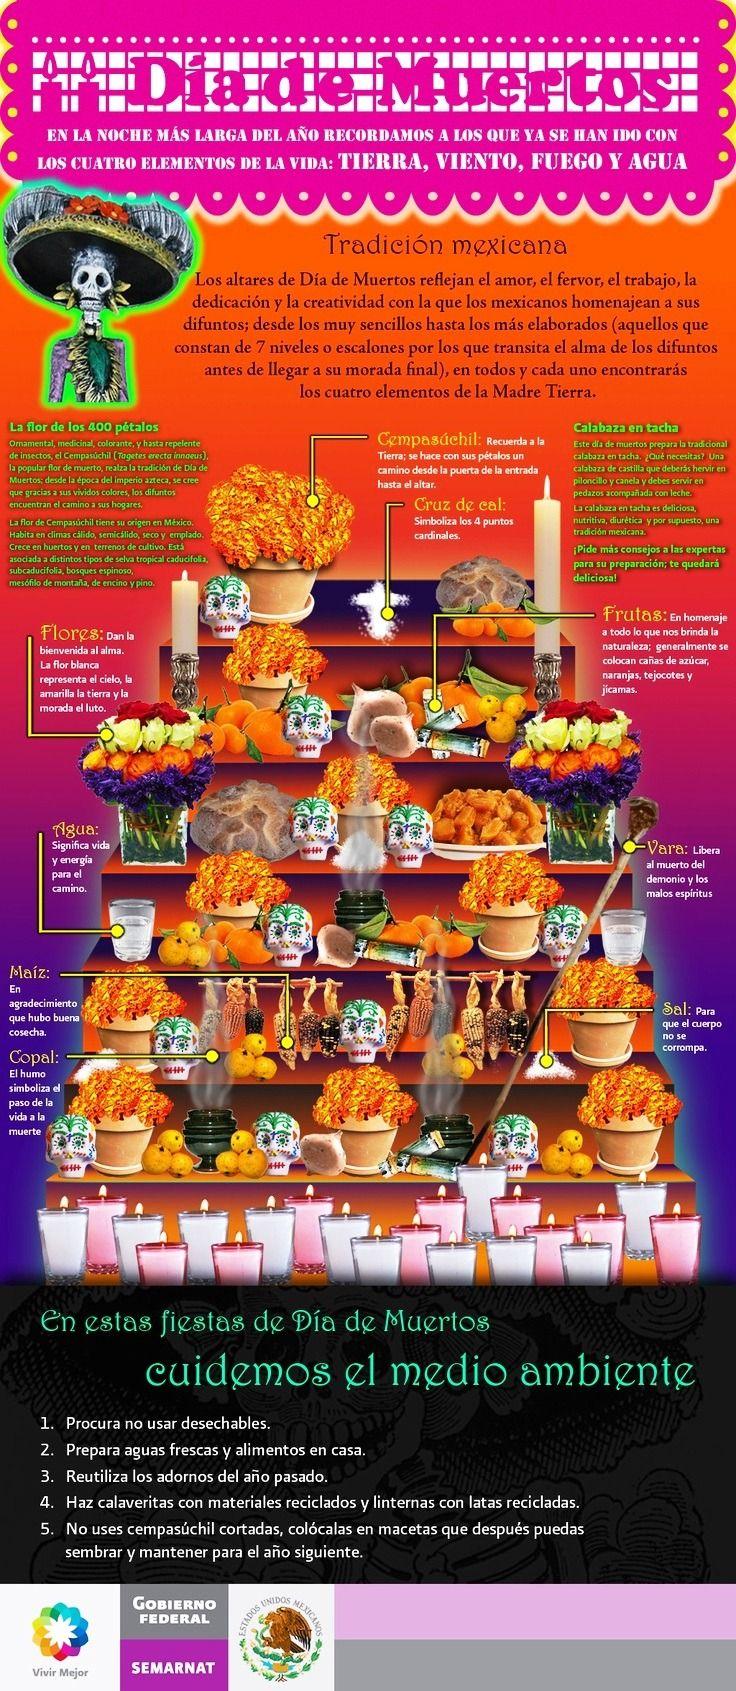 Altar para el Día de los Muertos »El Altar de muertos es un elemento fundamental en el conjunto de tradiciones mexicanas del Día de Muertos, que consiste en instalar altares domésticos en honor de los muertos de la familia. La ofrenda es una...